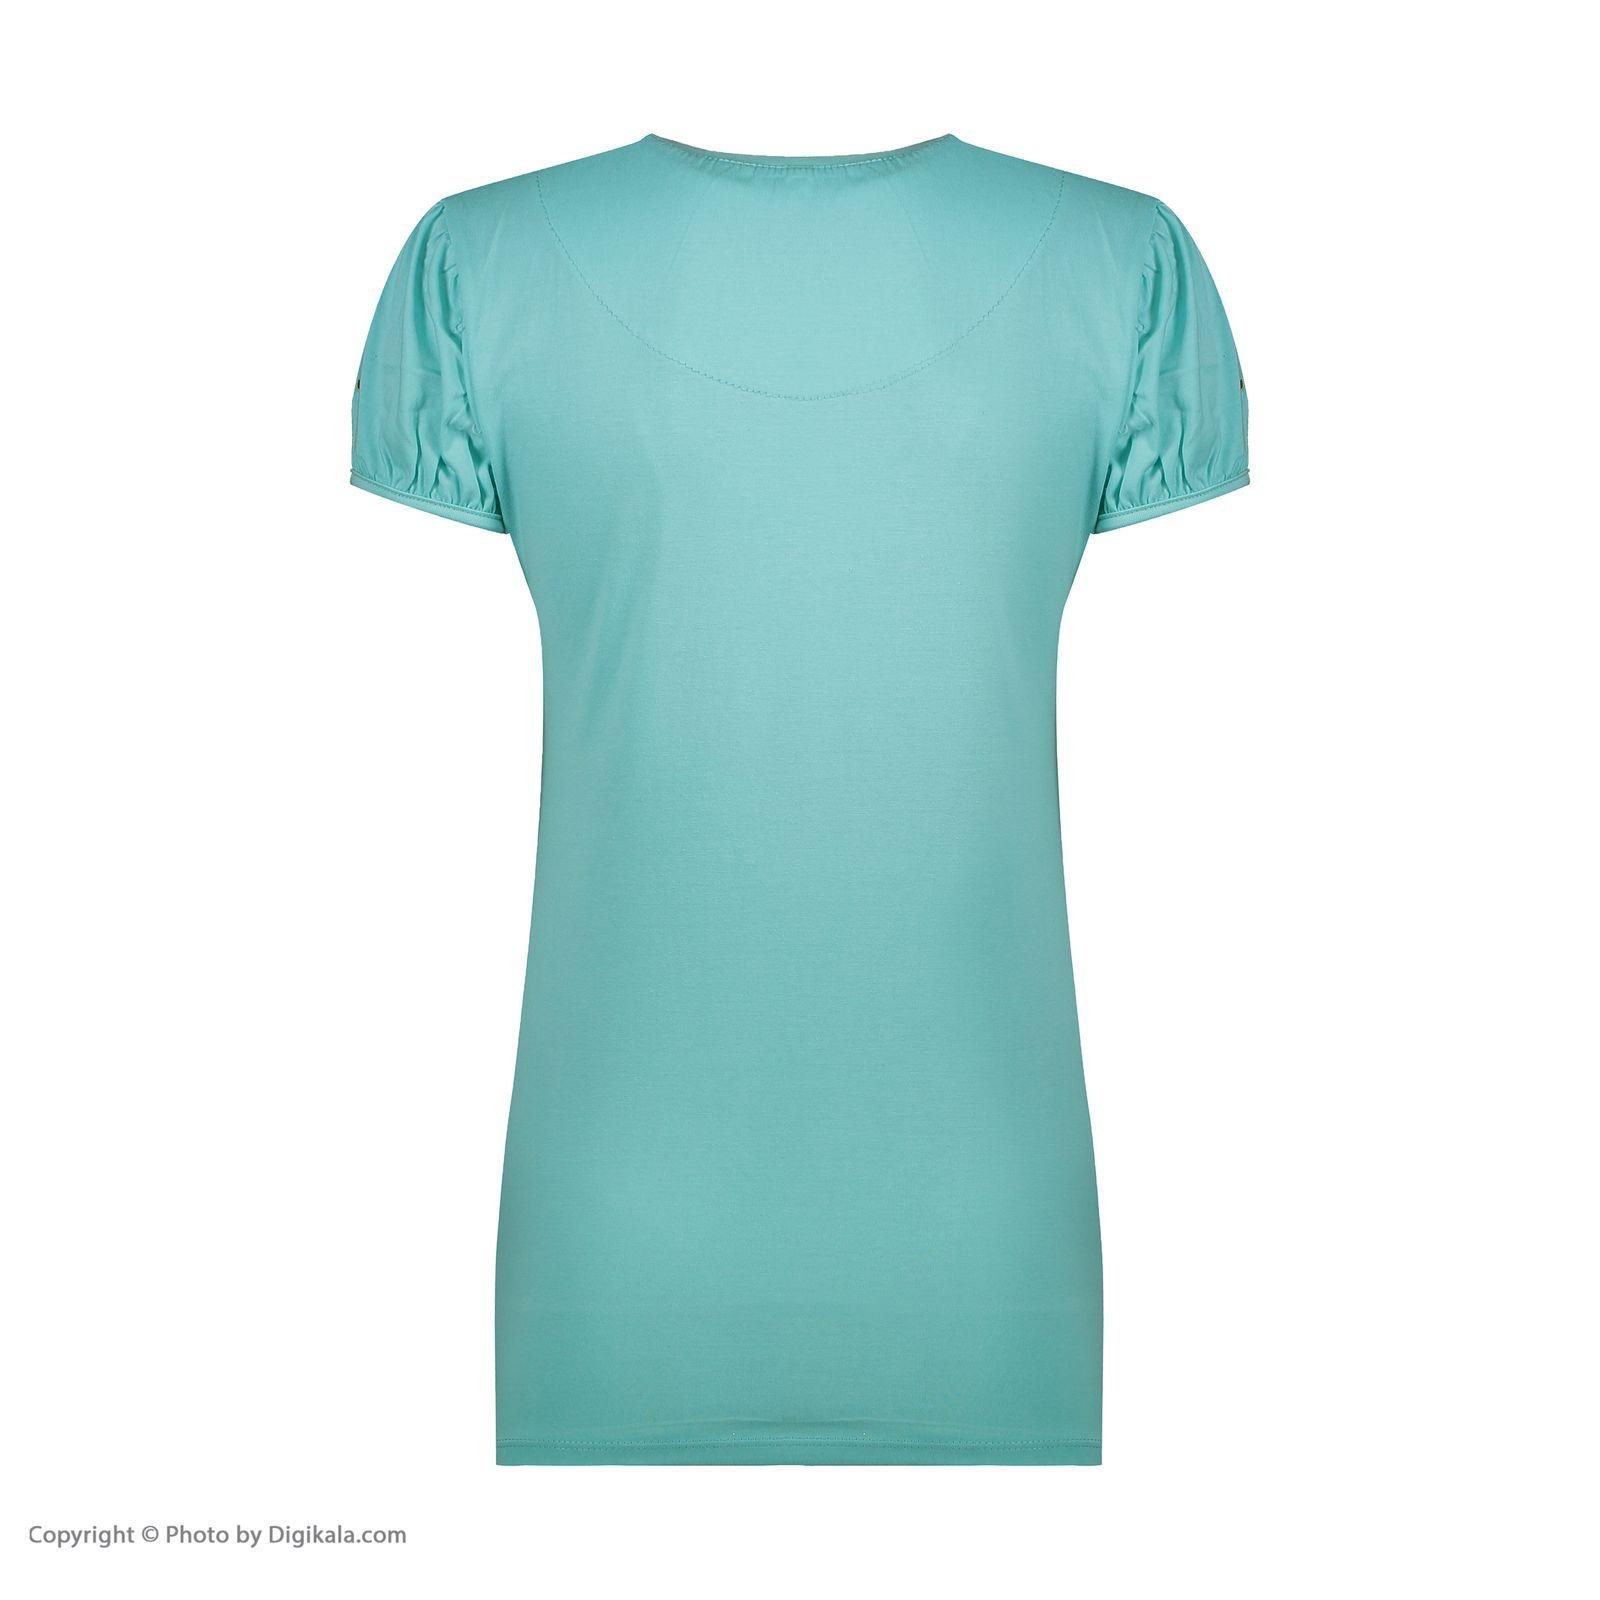 ست تی شرت و شلوار راحتی زنانه مادر مدل 2041104-54 -  - 6